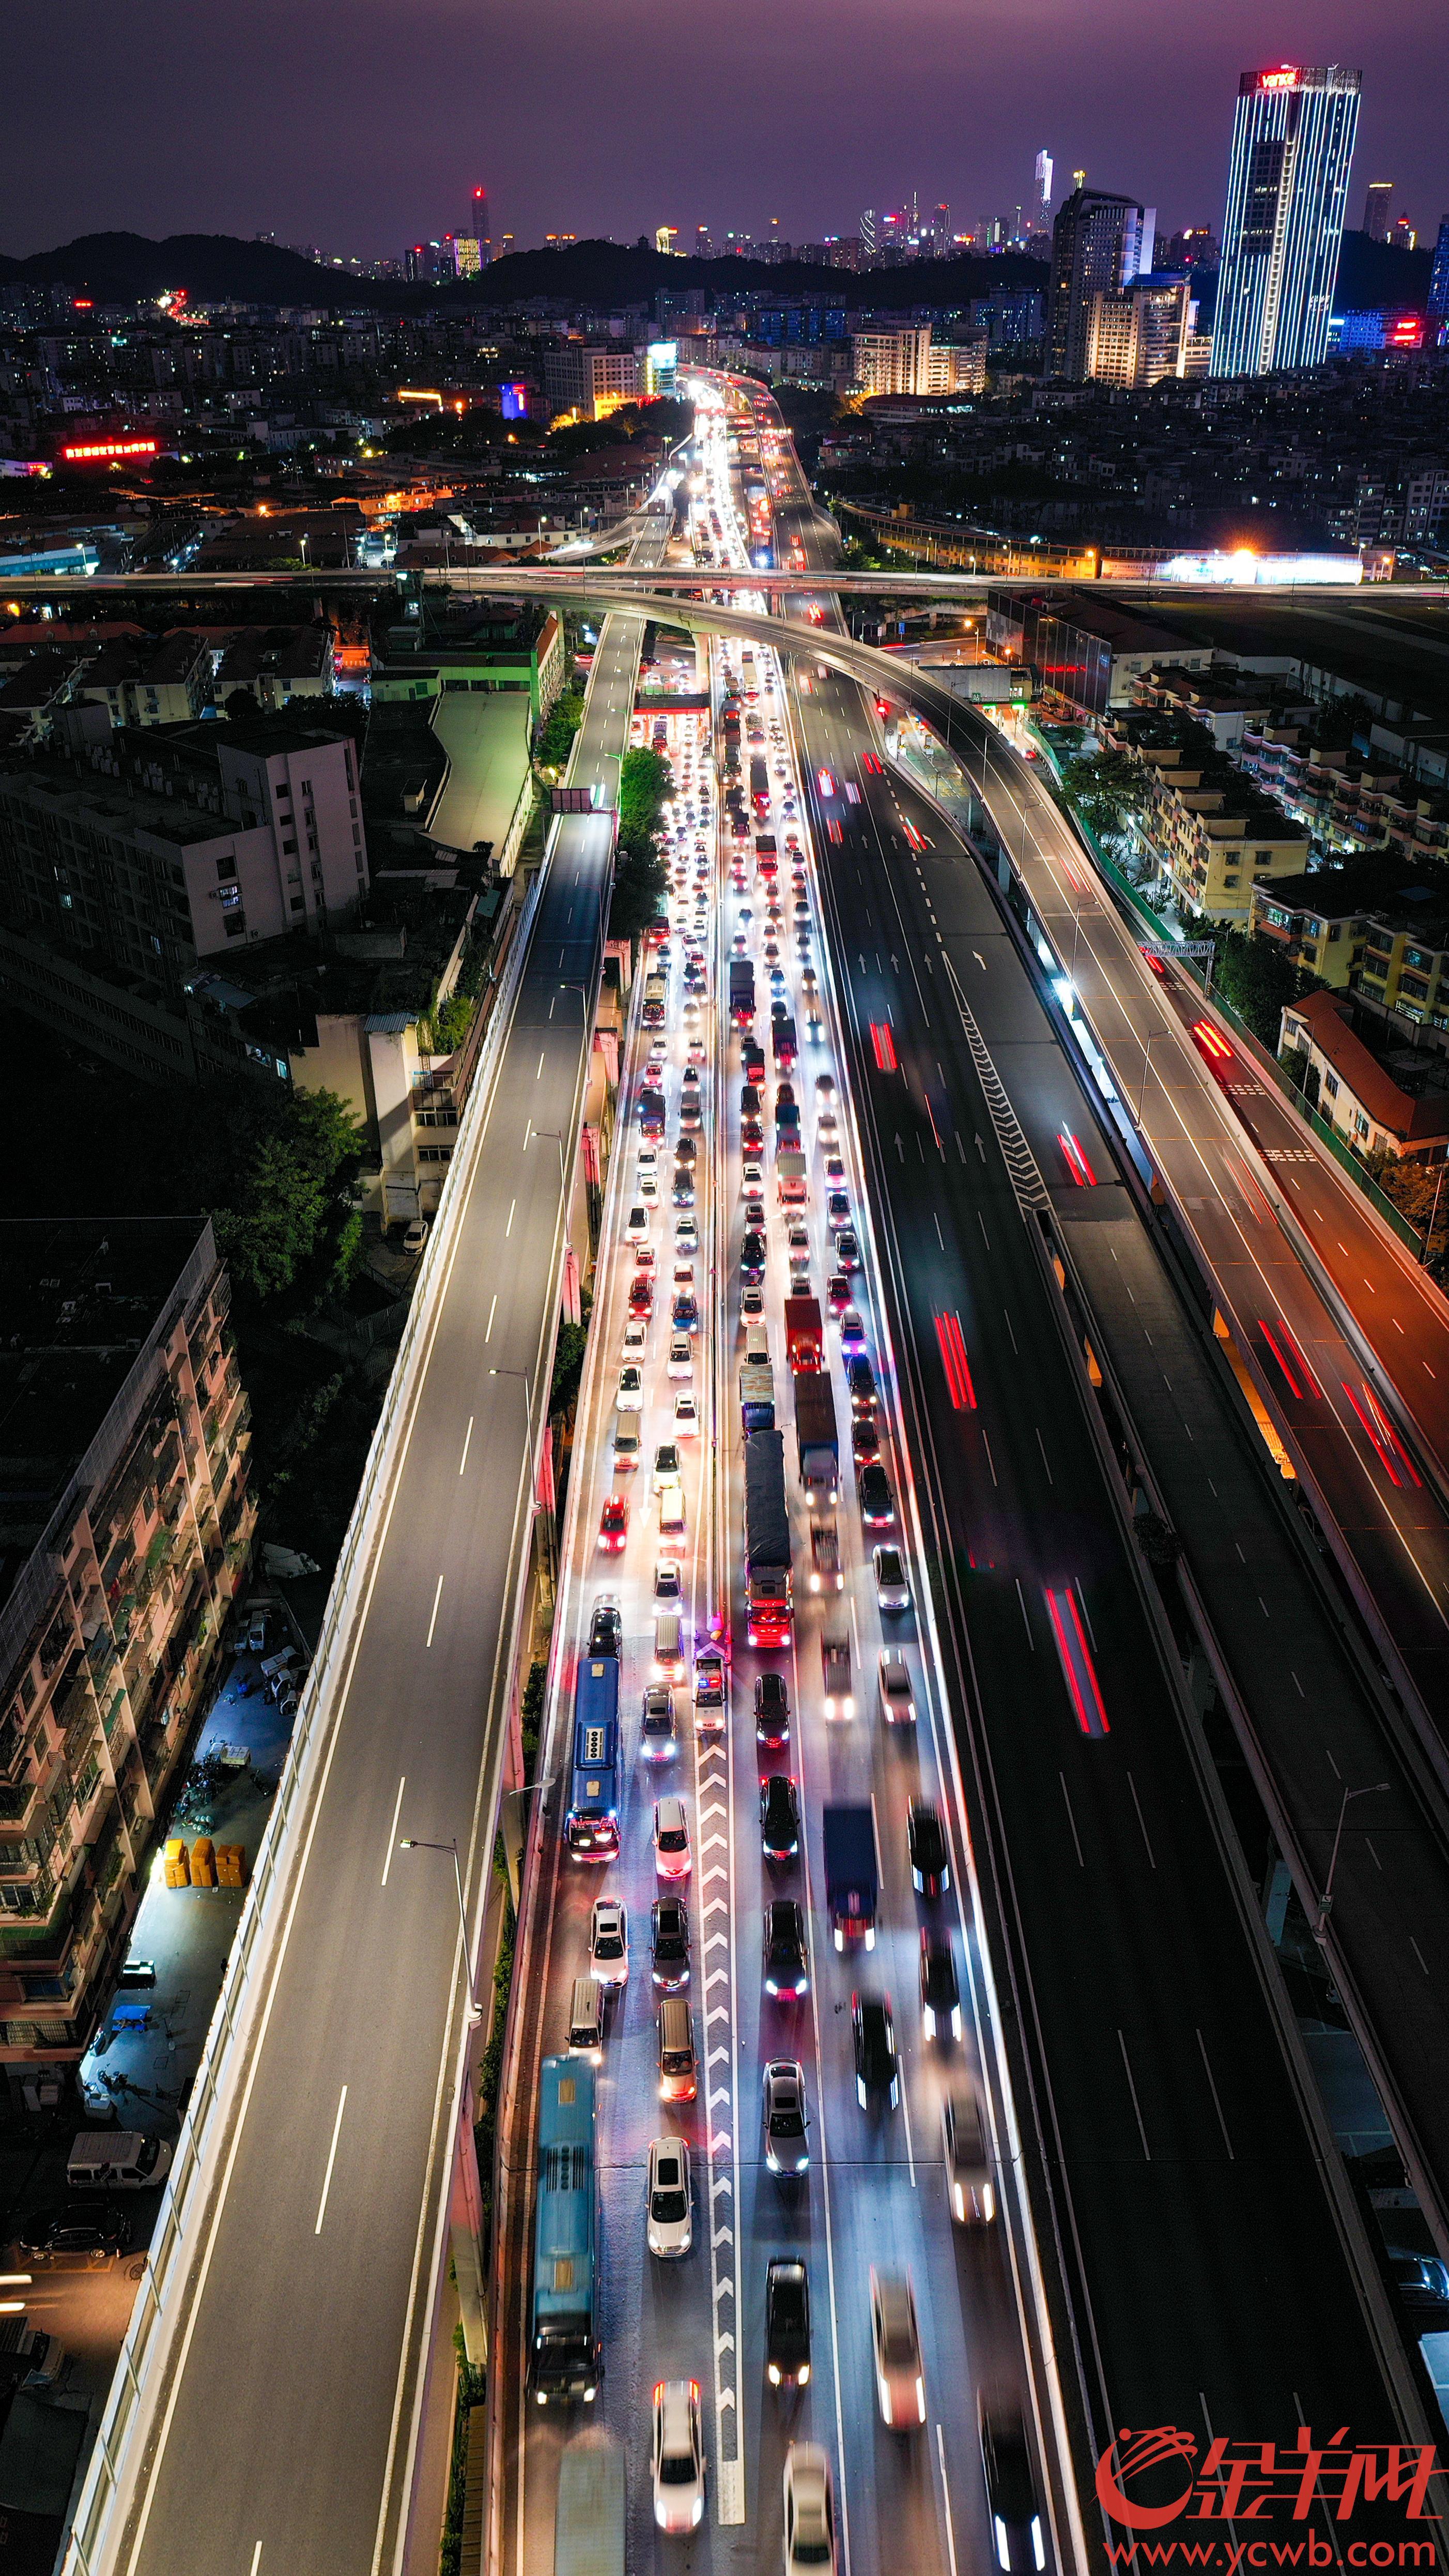 2020年10月7日,国庆中秋长假即将结束,广州迎来返程高峰。当晚七时左右,在广园西立交桥的广州环城高速路上,西行车流缓慢。广州南站也迎来大批返程旅客,站内人头涌涌,进入地铁的通道排起长队。羊城晚报全媒体记者 梁喻 摄